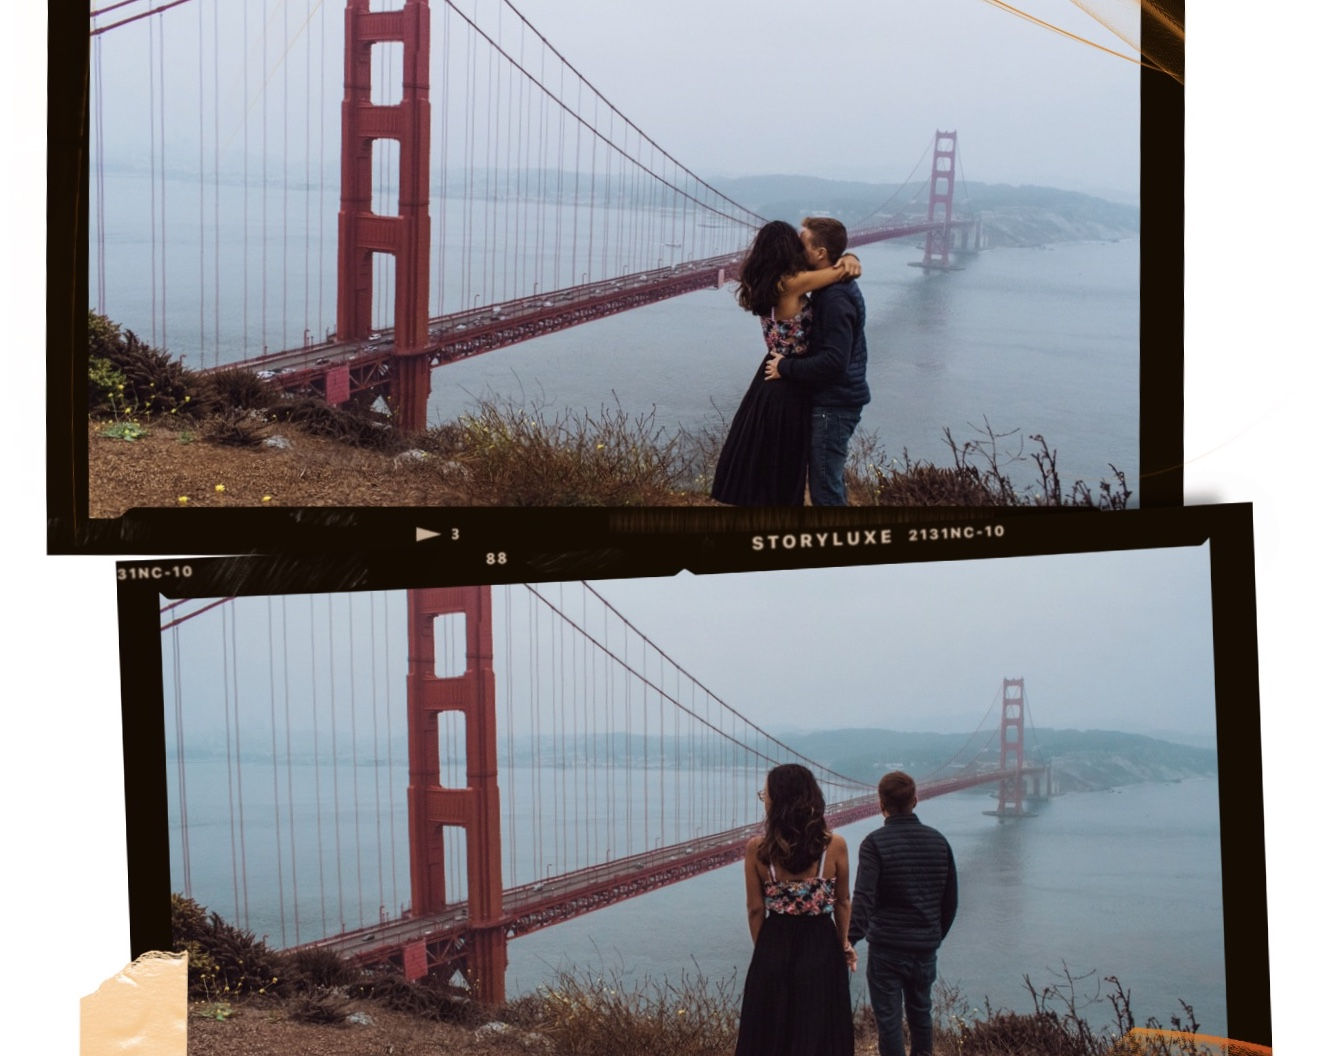 cosa vedere a San Francisco coppia: Golden Gate Bridge